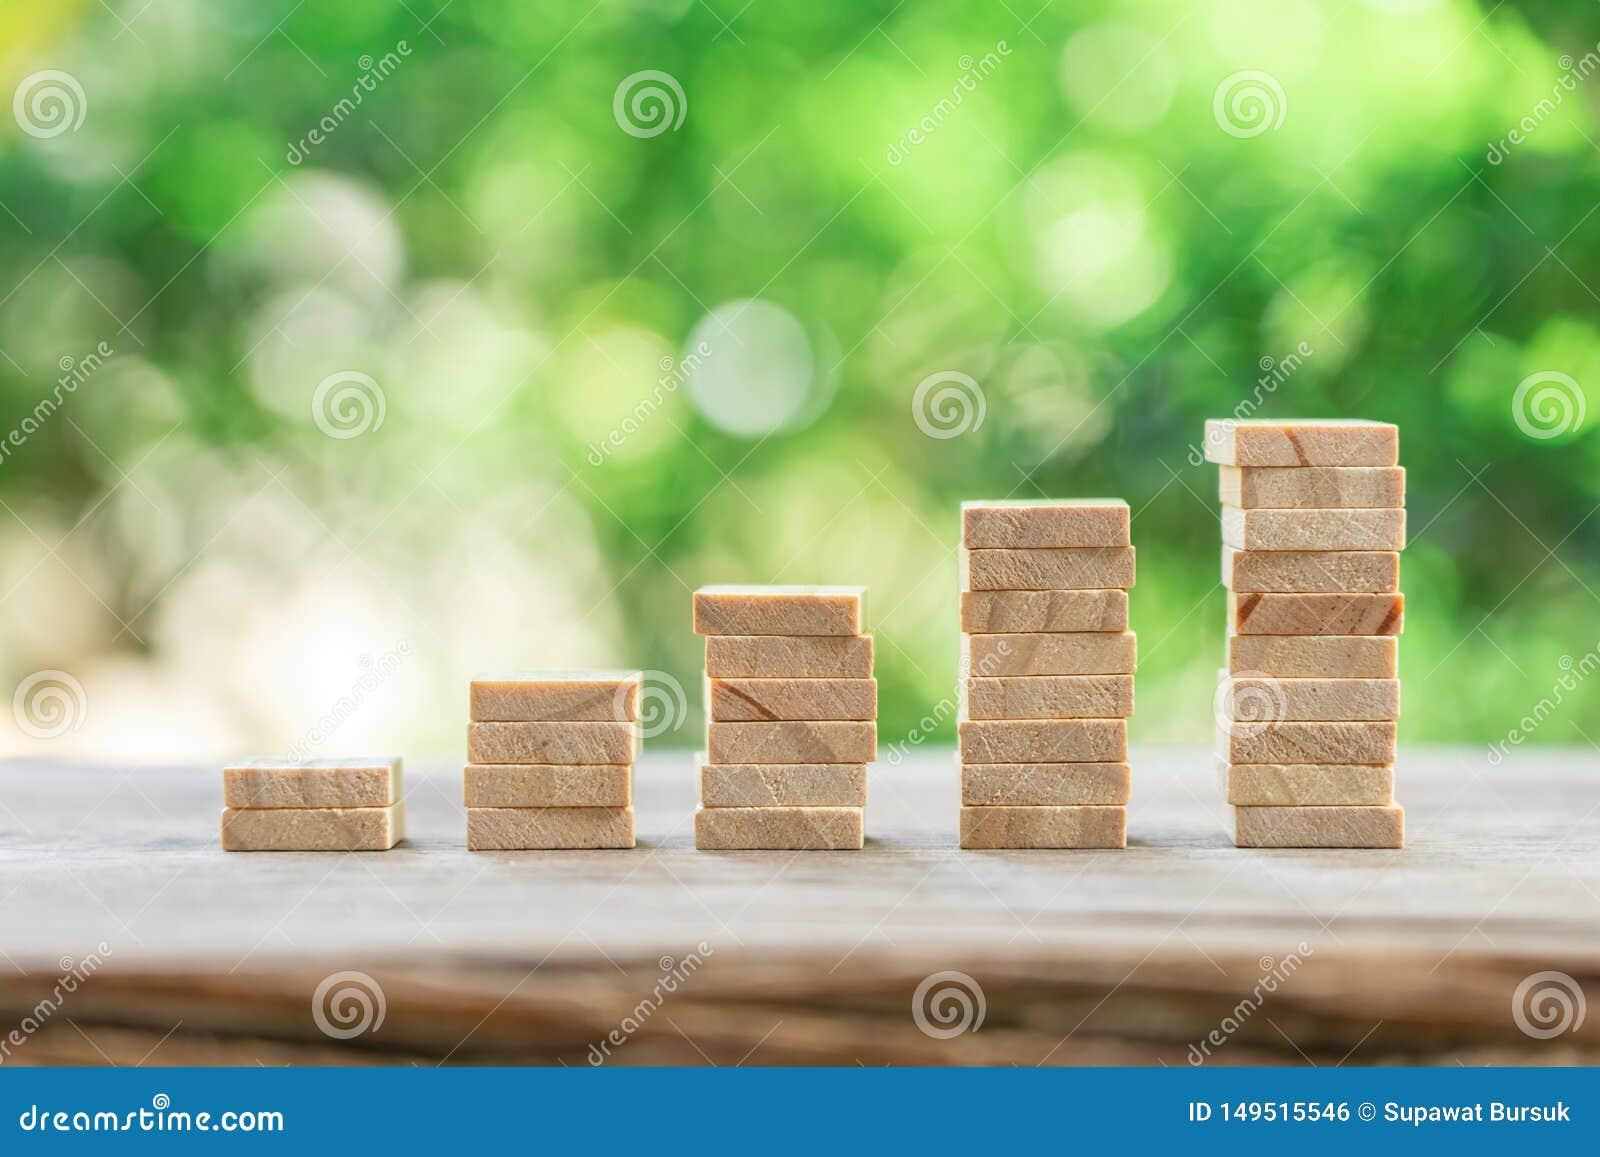 Concepto del dinero, financiero, del negocio del crecimiento, pila de análisis de inversión de madera o inversión El concepto de